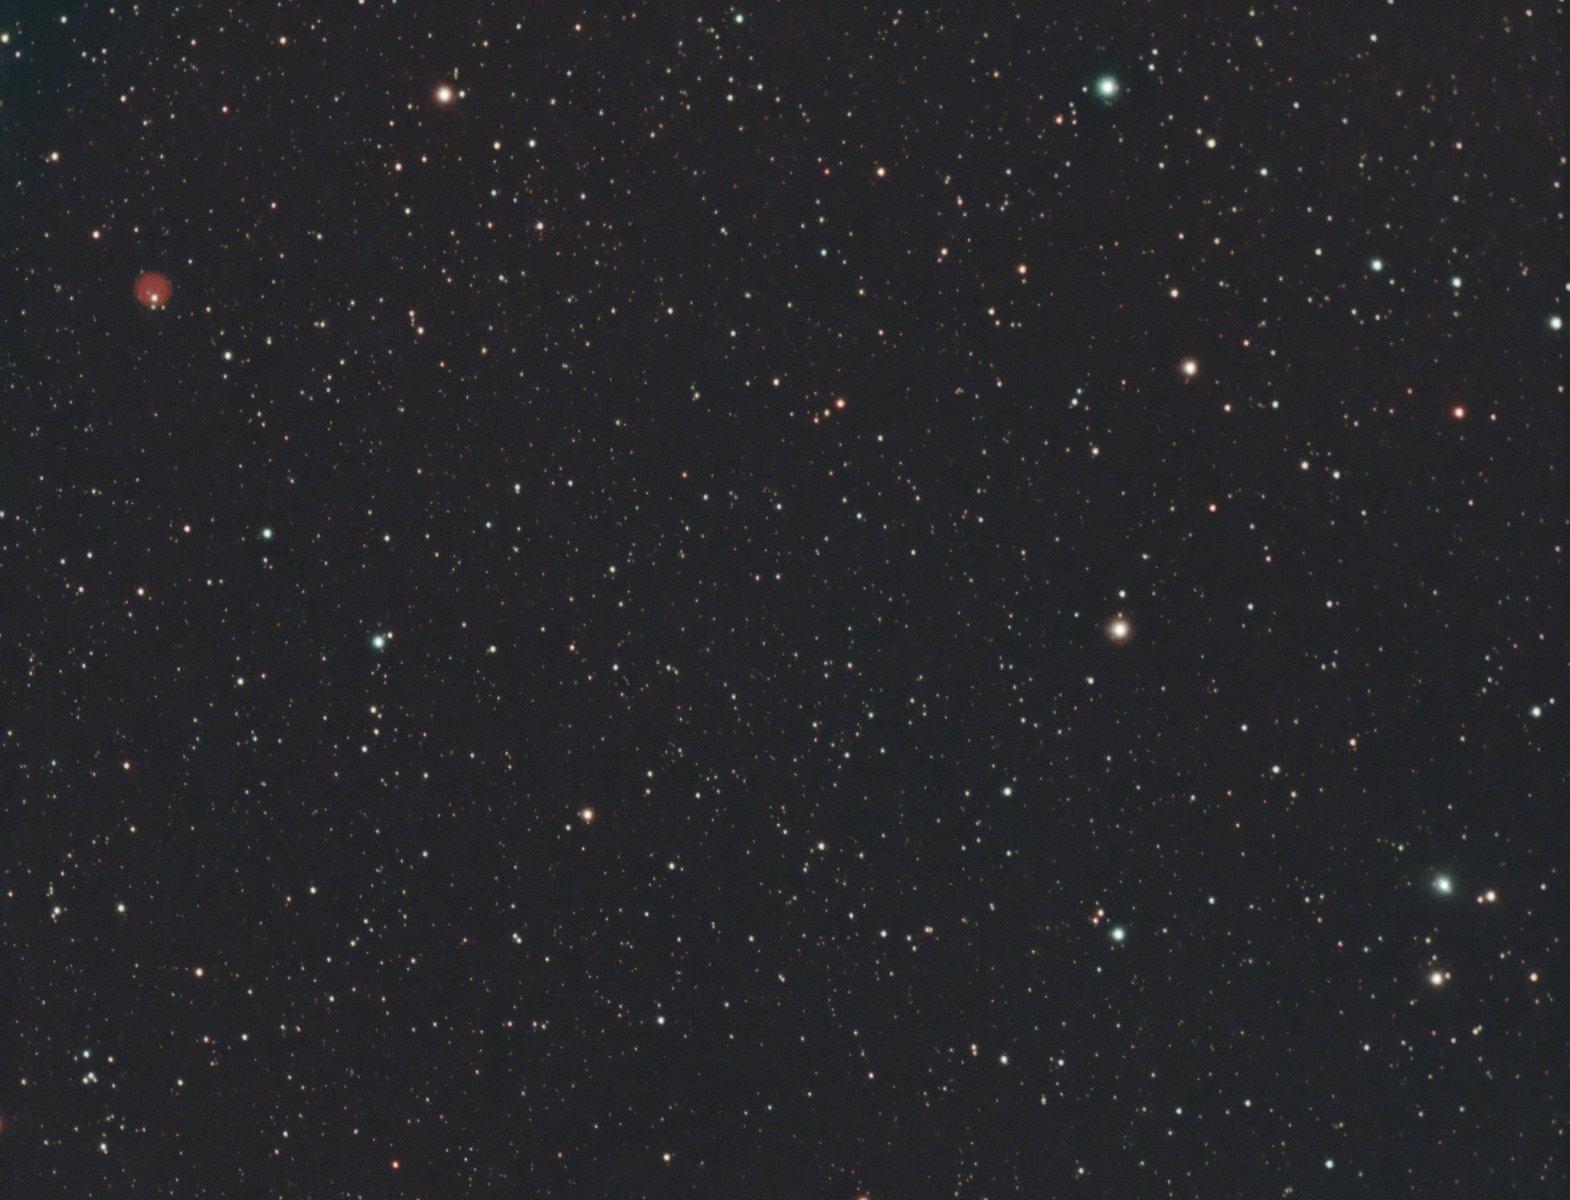 6886-Henize1-5-20x5RGBgut.jpg